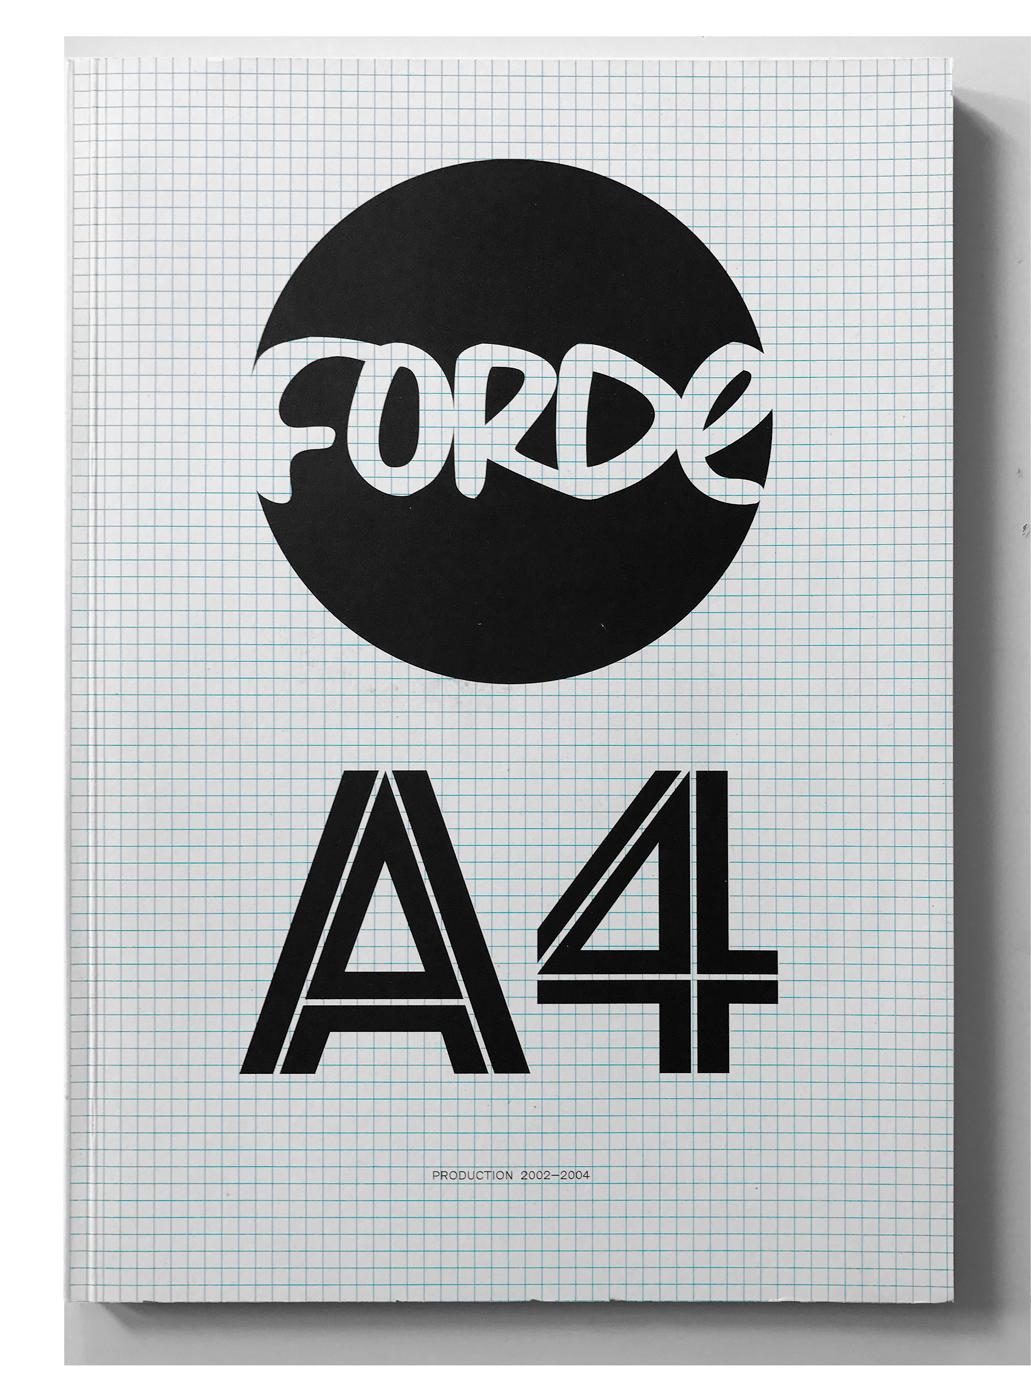 Catalogue rétrospectif de l'activité de Donatella Bernardi, Cicero Egli et Daniel Ruggiero dans l'espace d'art contemporain Forde, 2002–2004. Chaque évènement est présenté avec le flyer d'origine qui avait été conçu au format A4 et pré-numéroté.